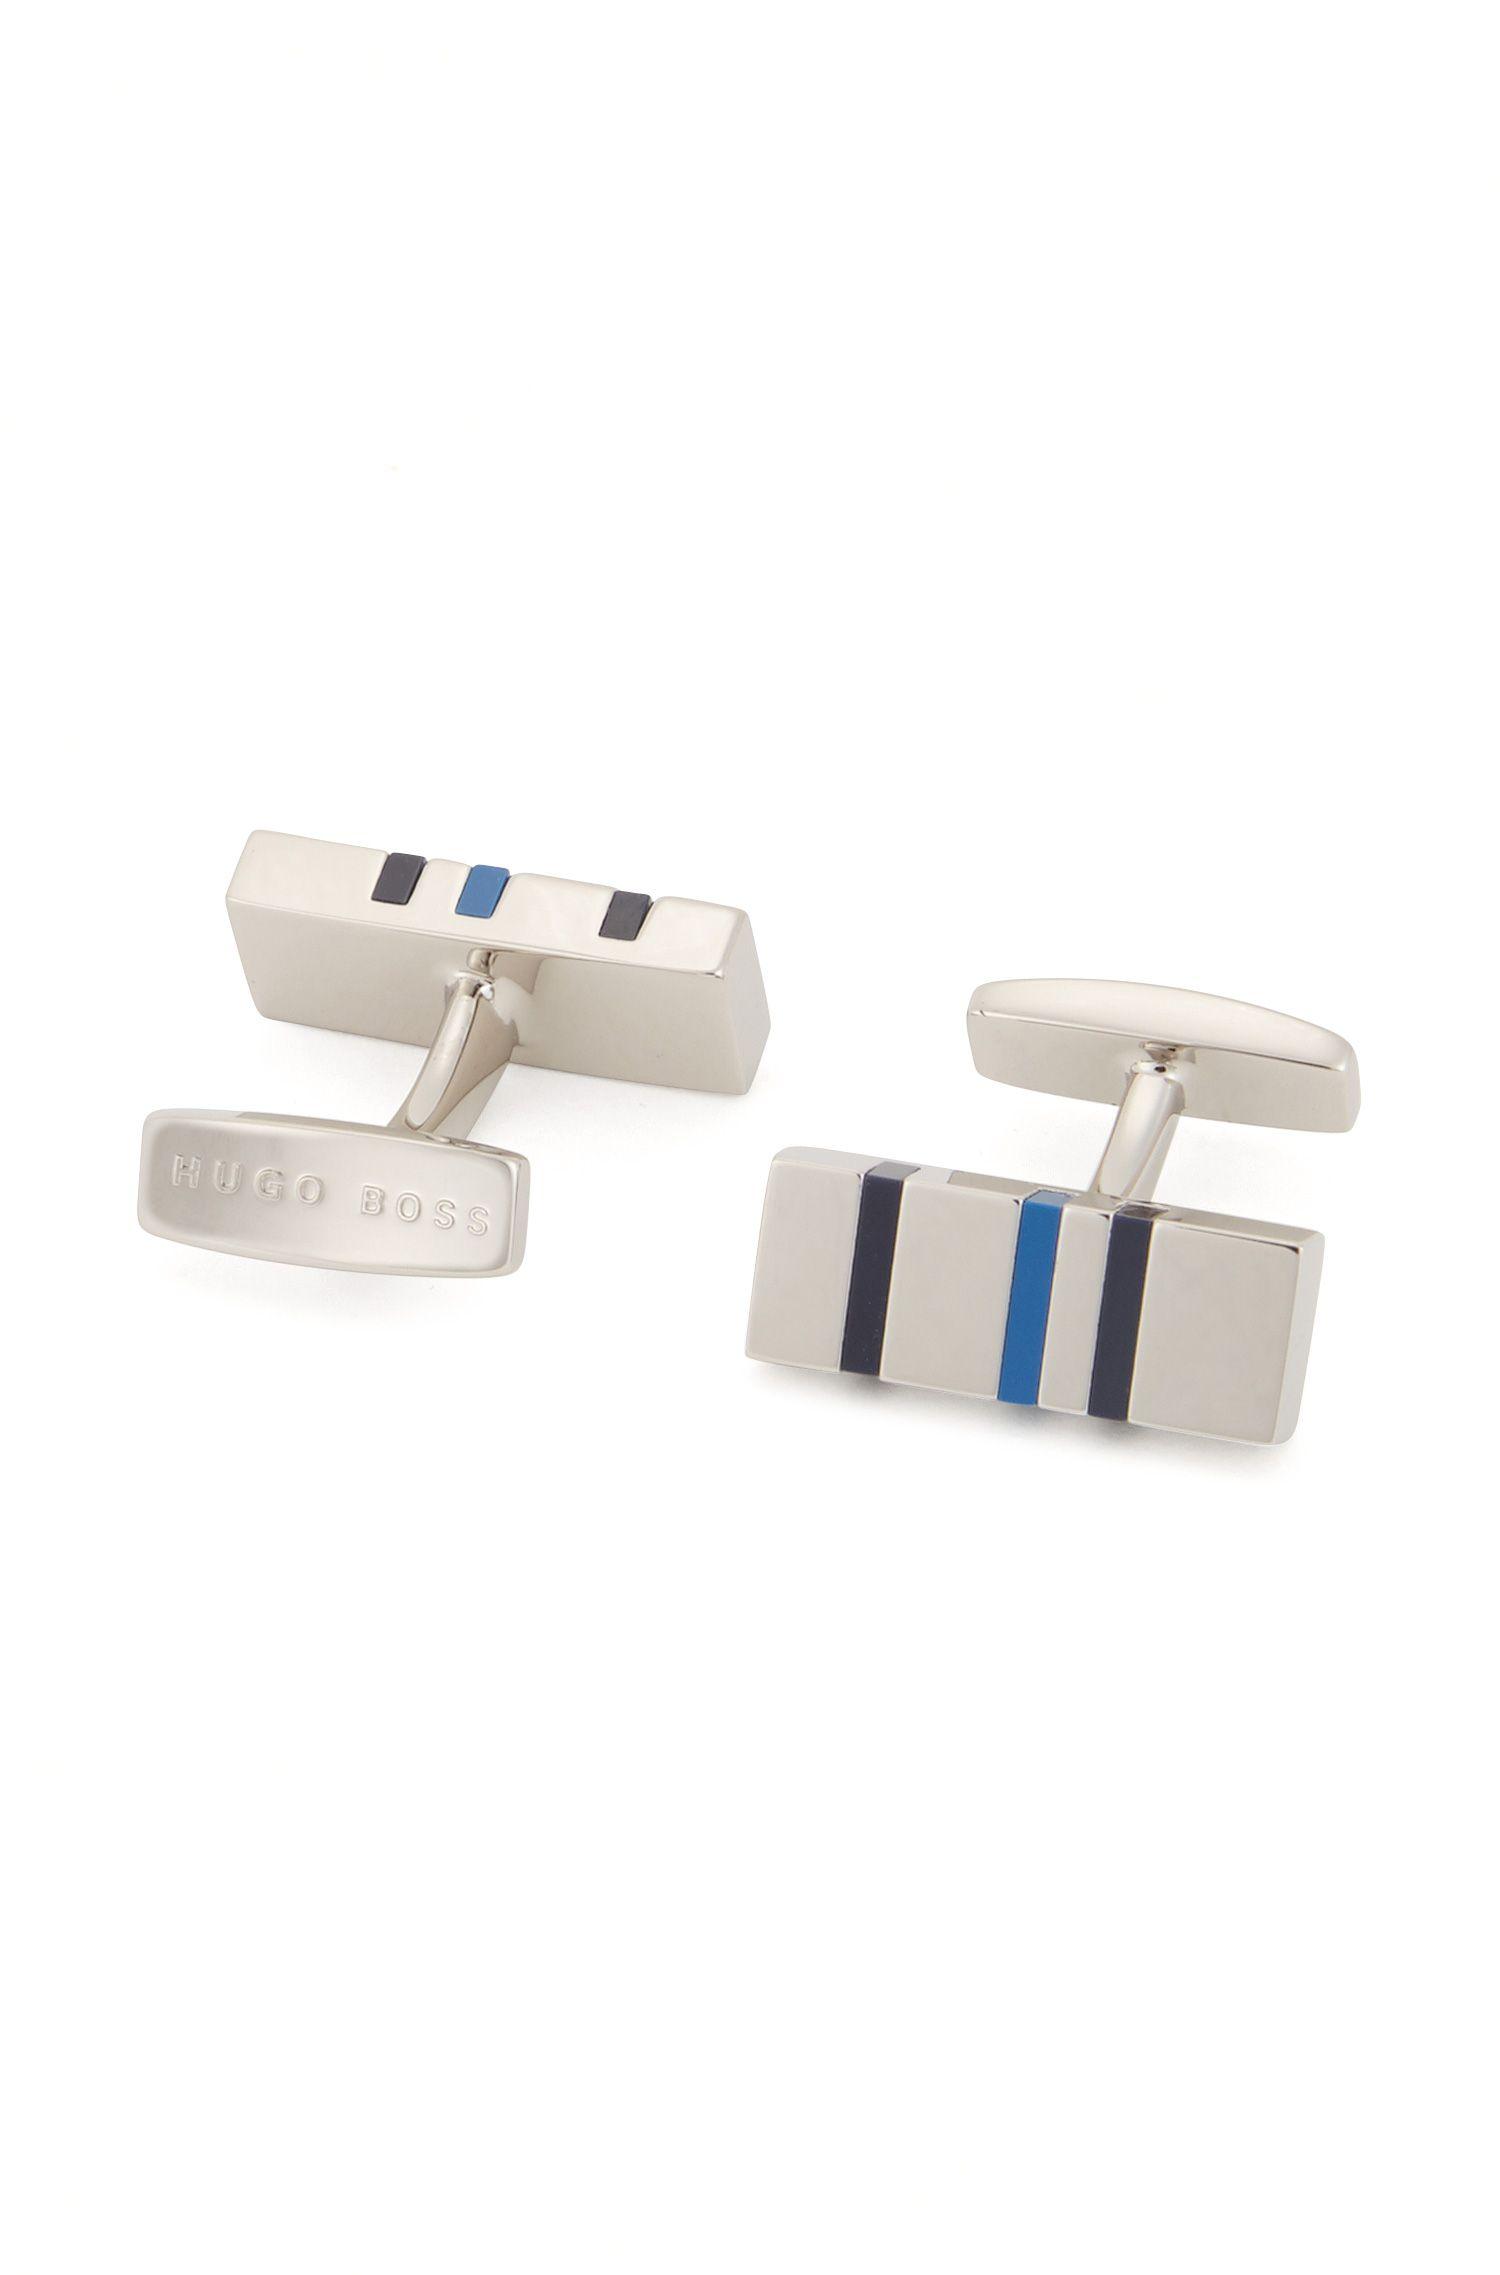 Rechteckige Manschettenknöpfe mit Emaille-Streifen